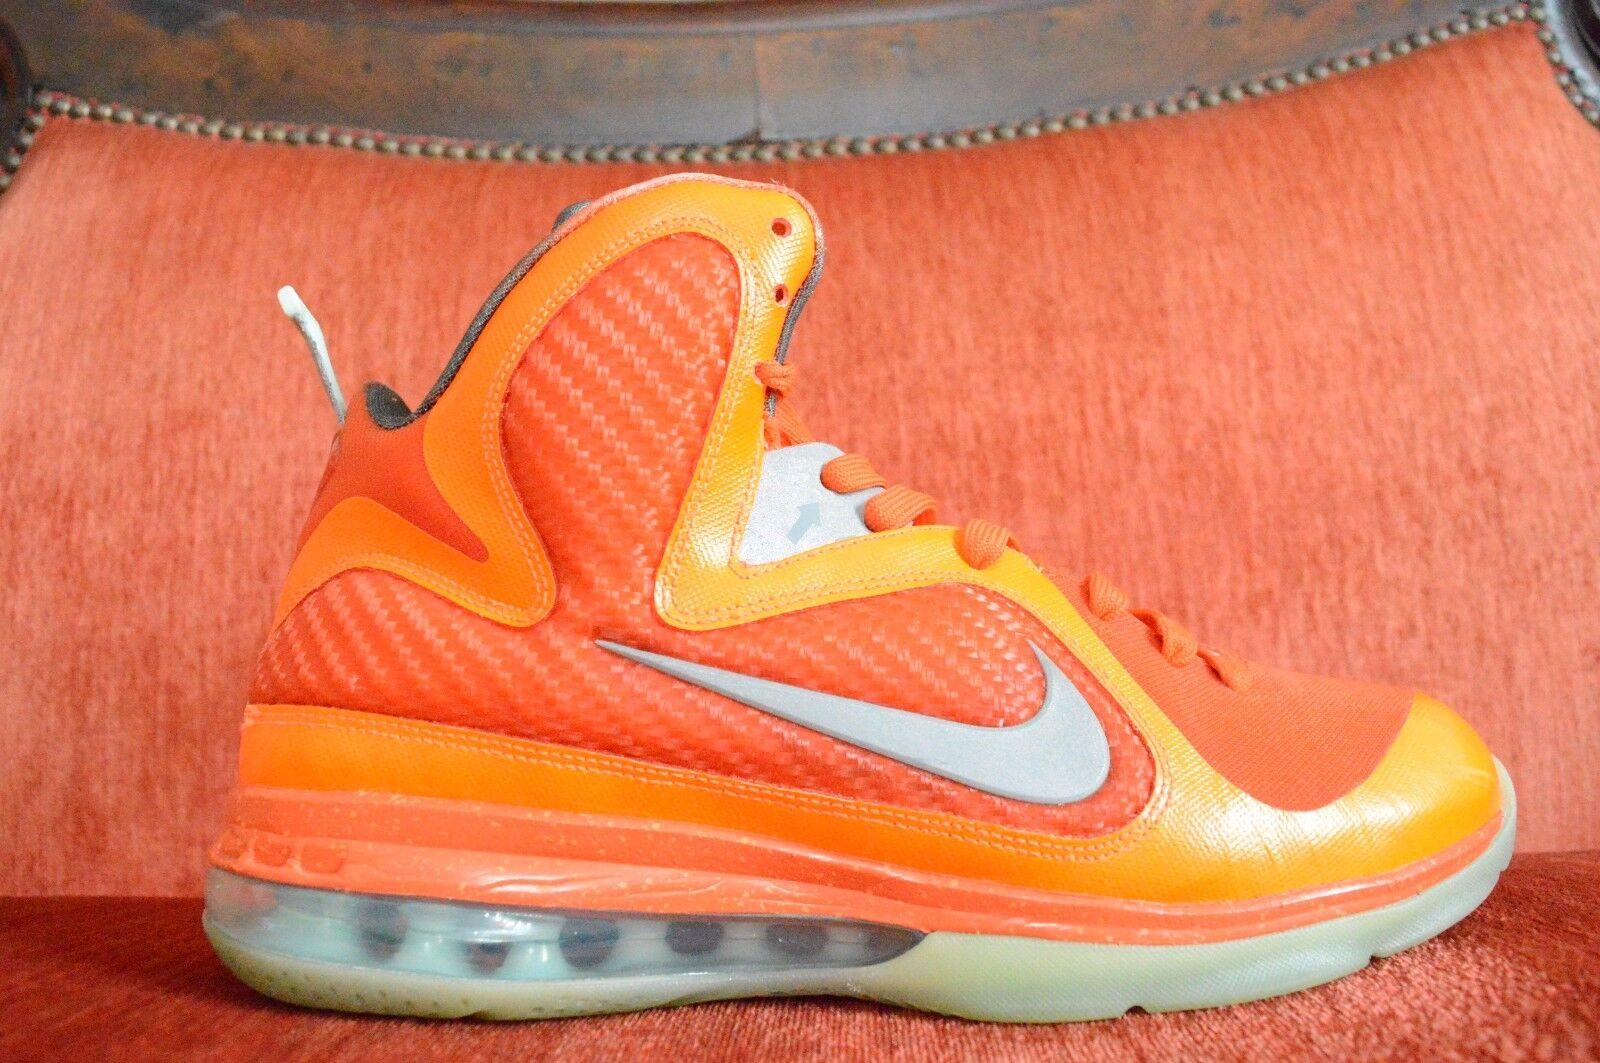 WORN TWICE Nike Lebron 9 All Star Galaxy Big Bang 520811-800 Size 10 Orange